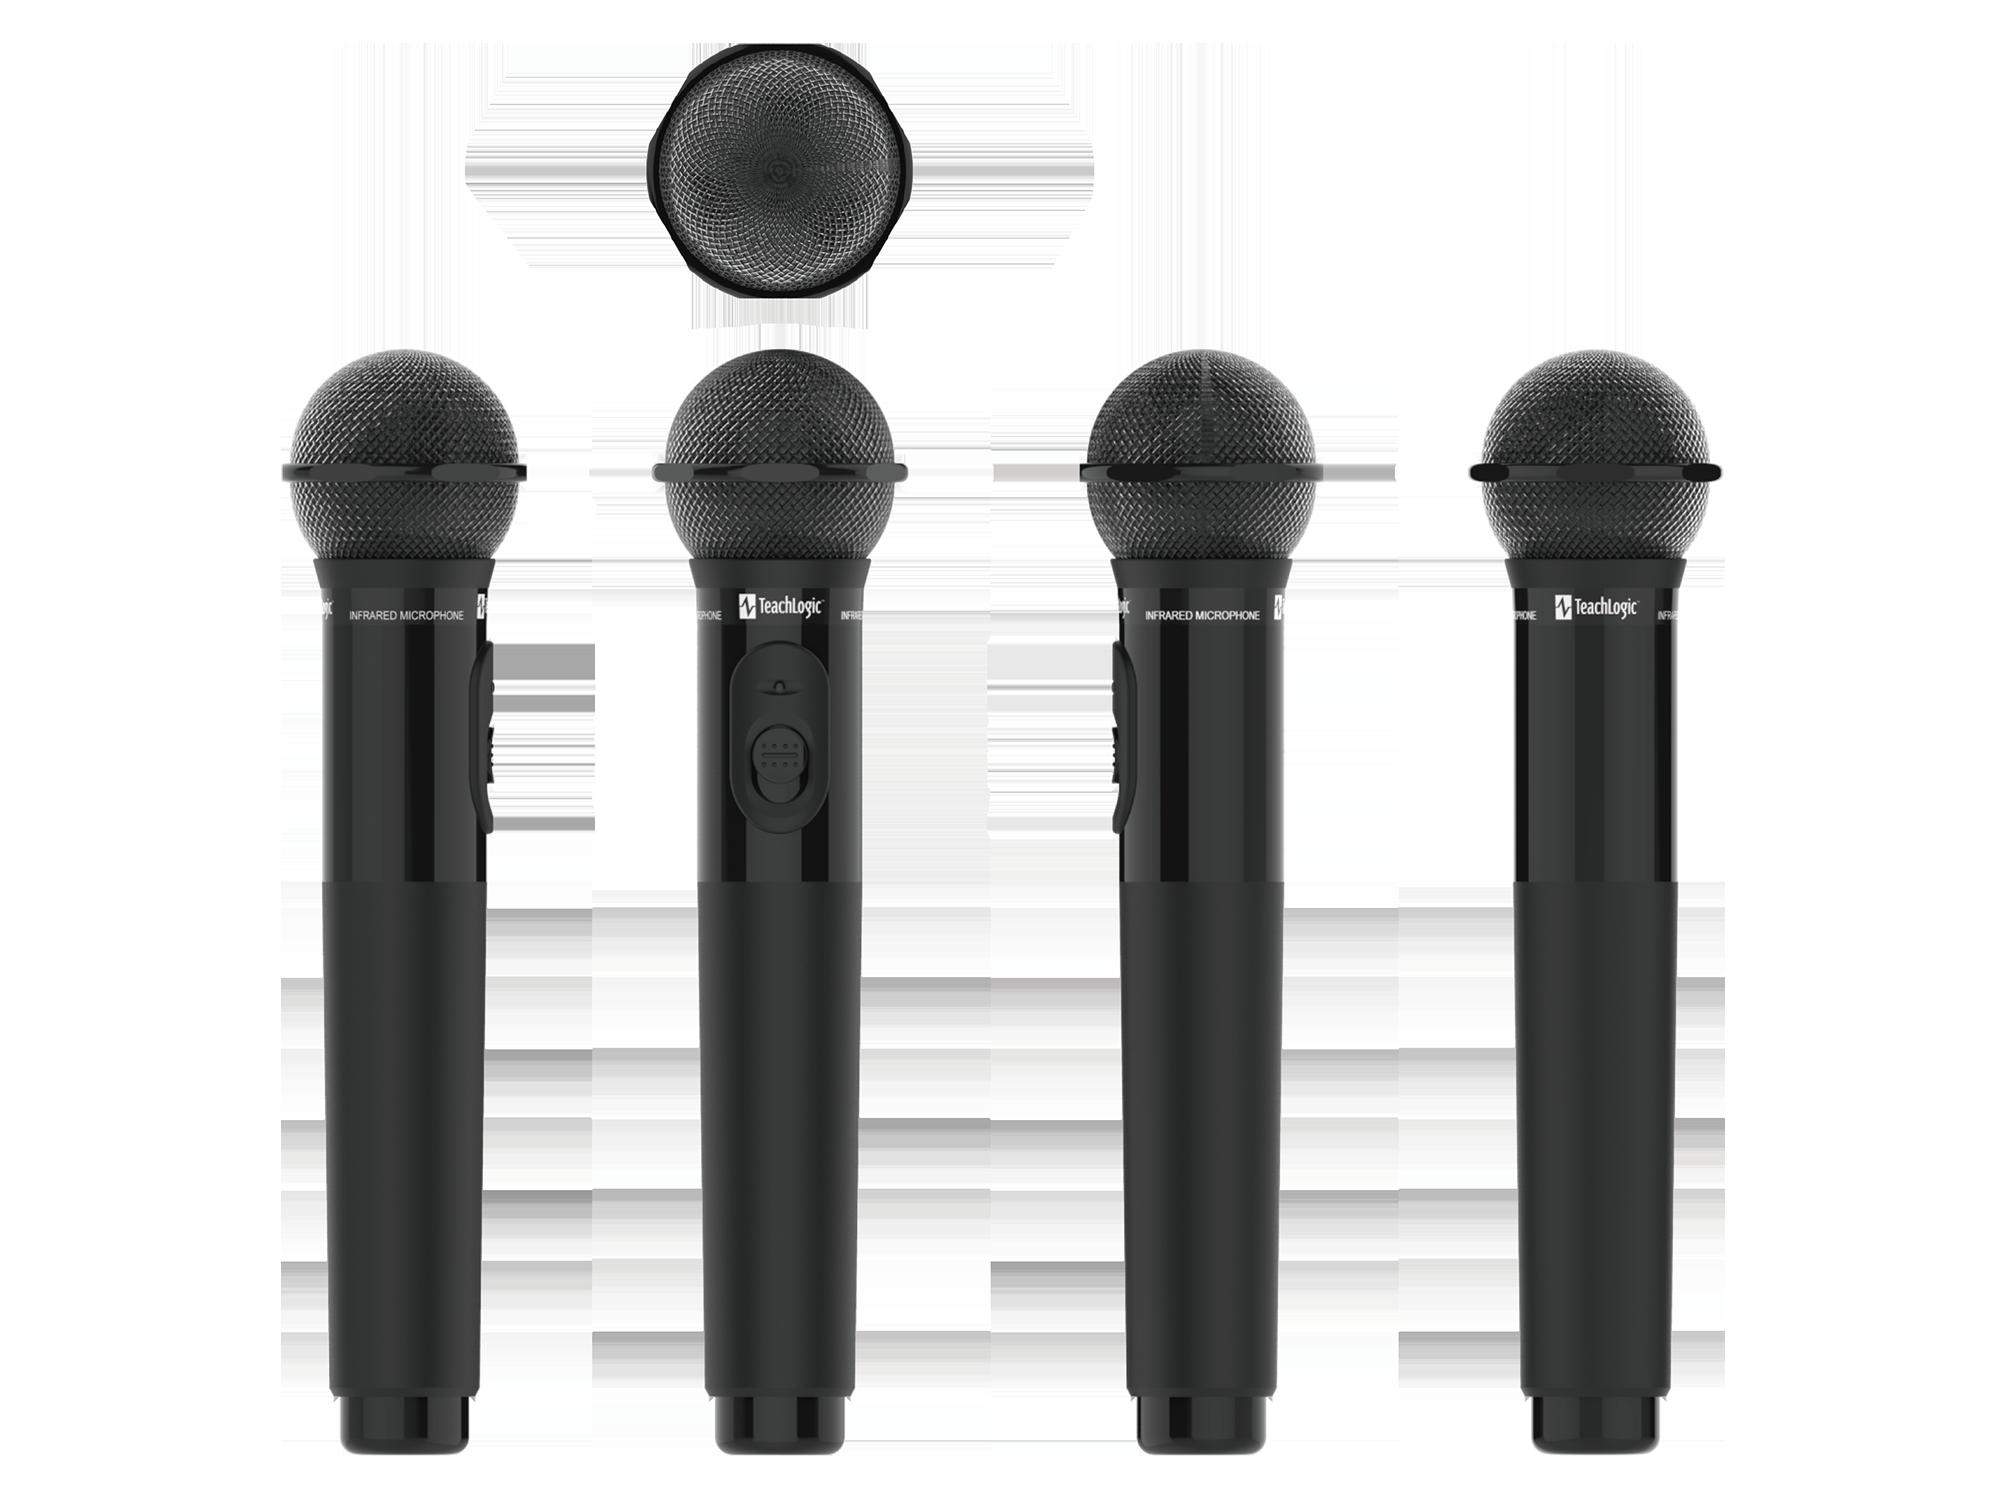 Handheld Microphone IRH35N Elevations